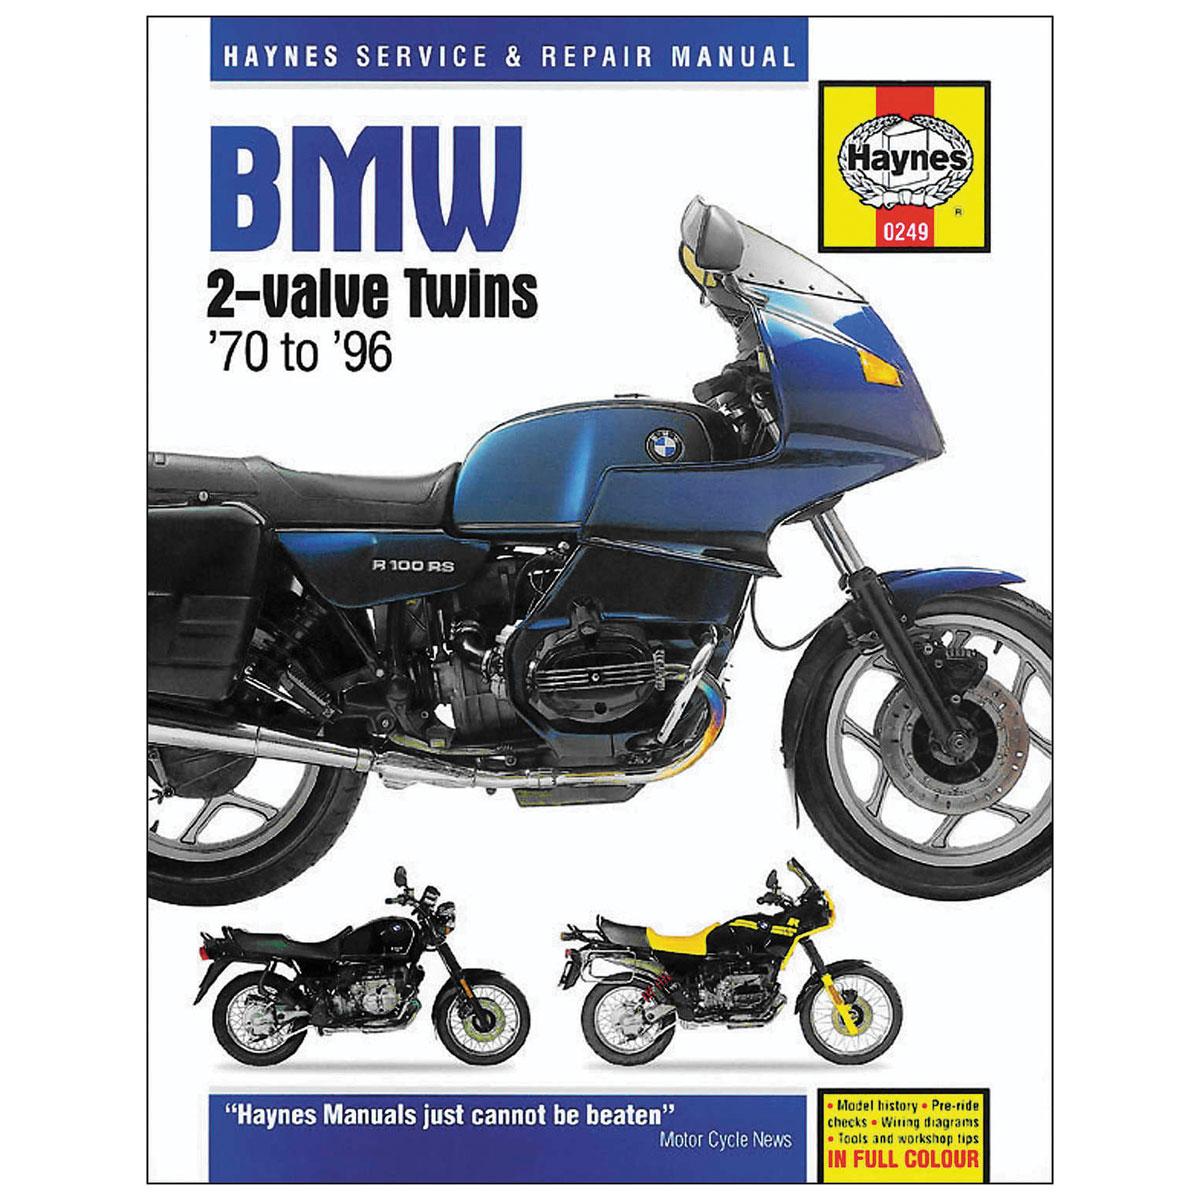 Haynes BMW Repair Manual